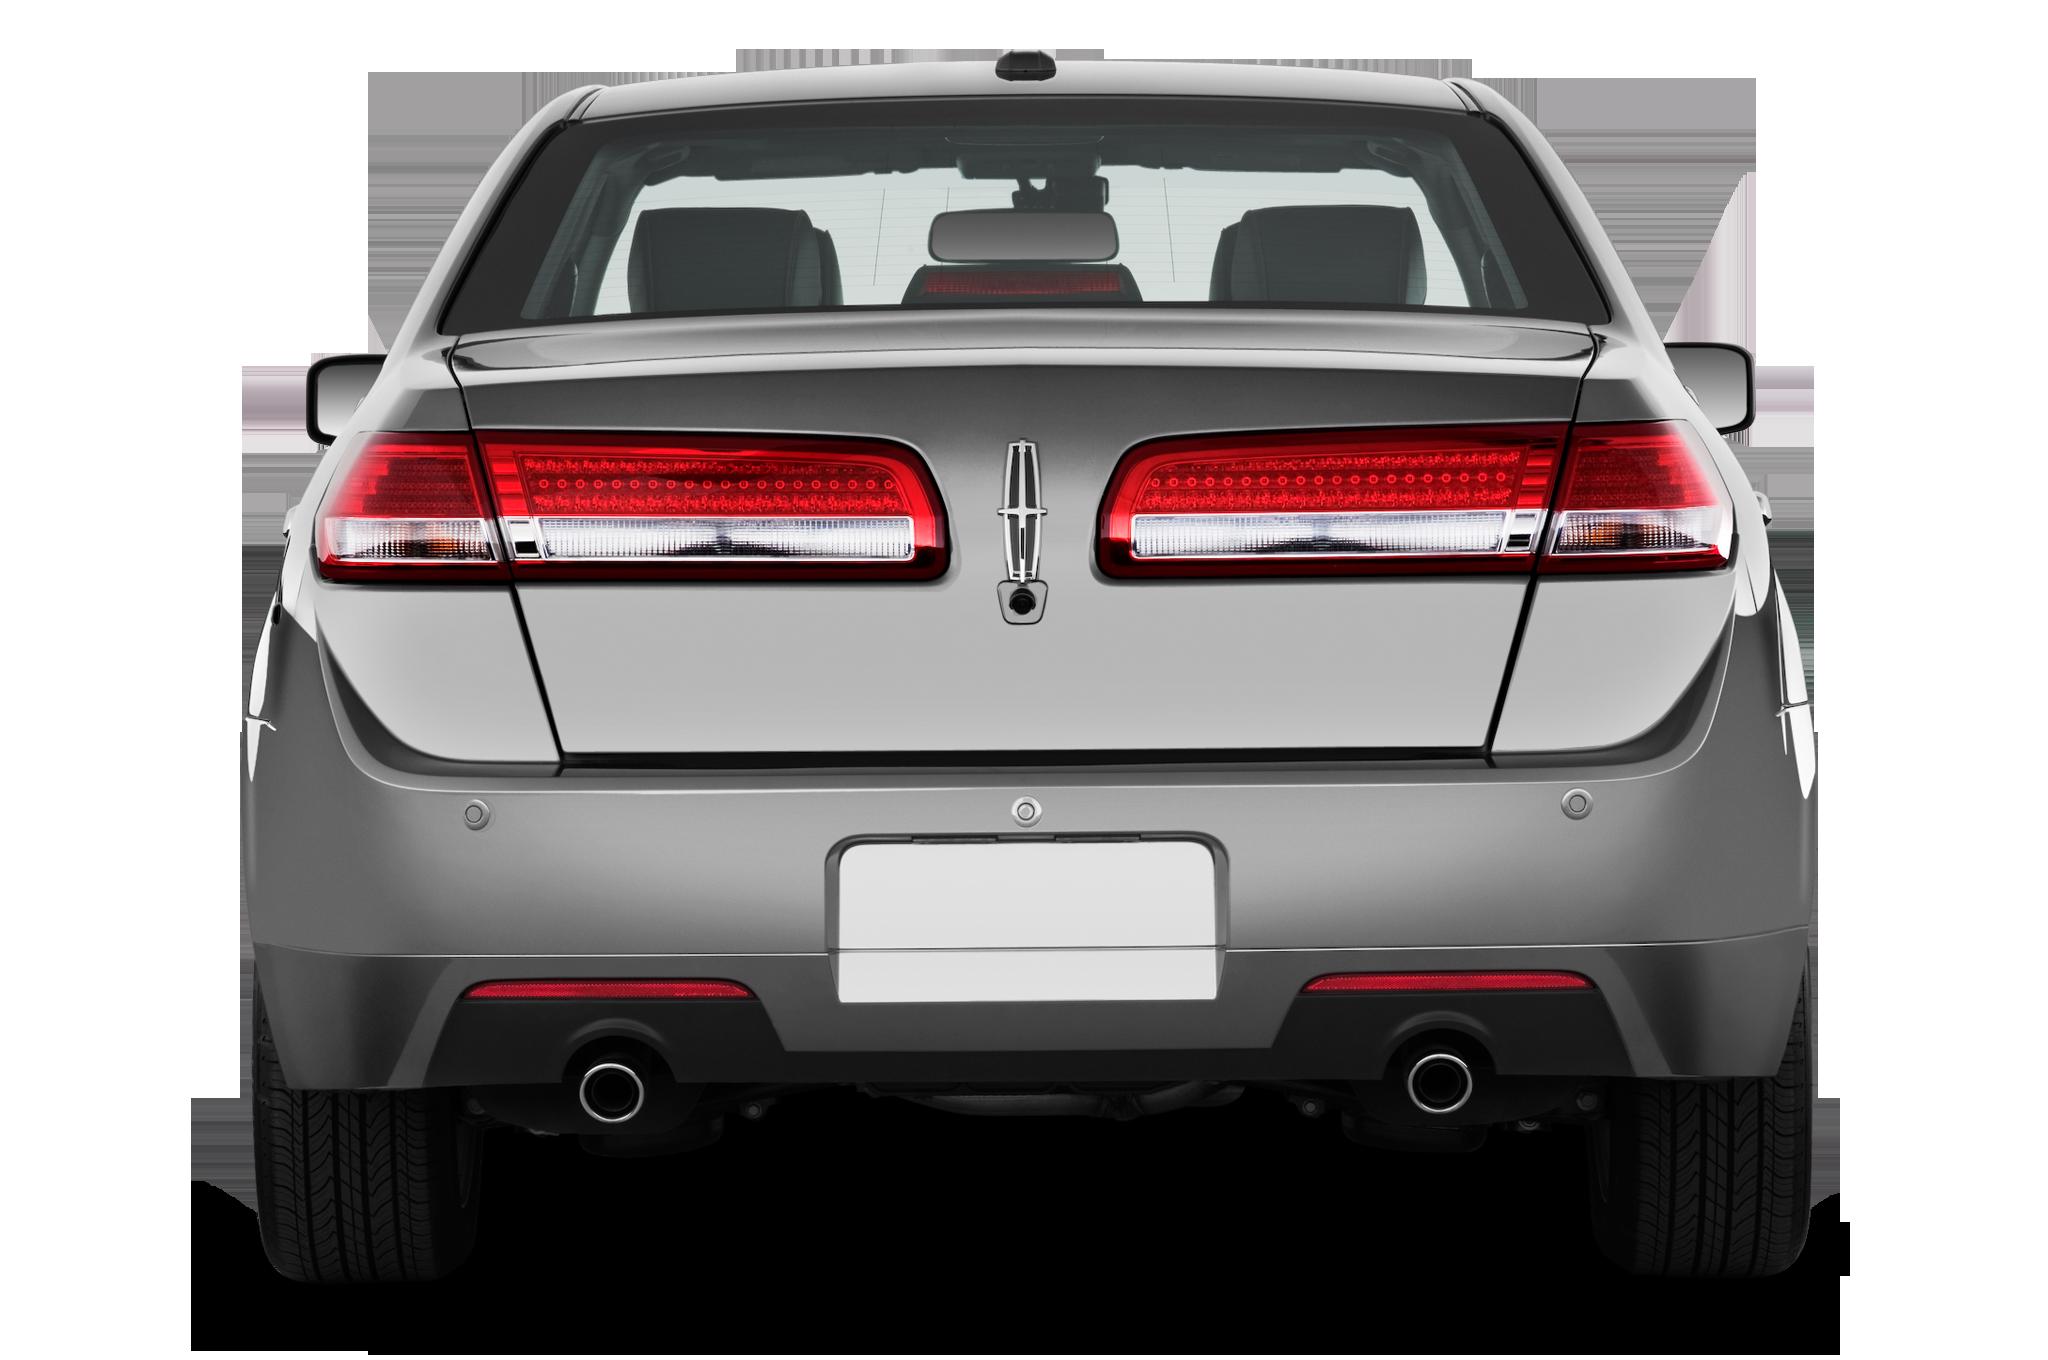 Lincoln MKZ I (Zephyr) Restyling 2009 - 2012 Sedan #8